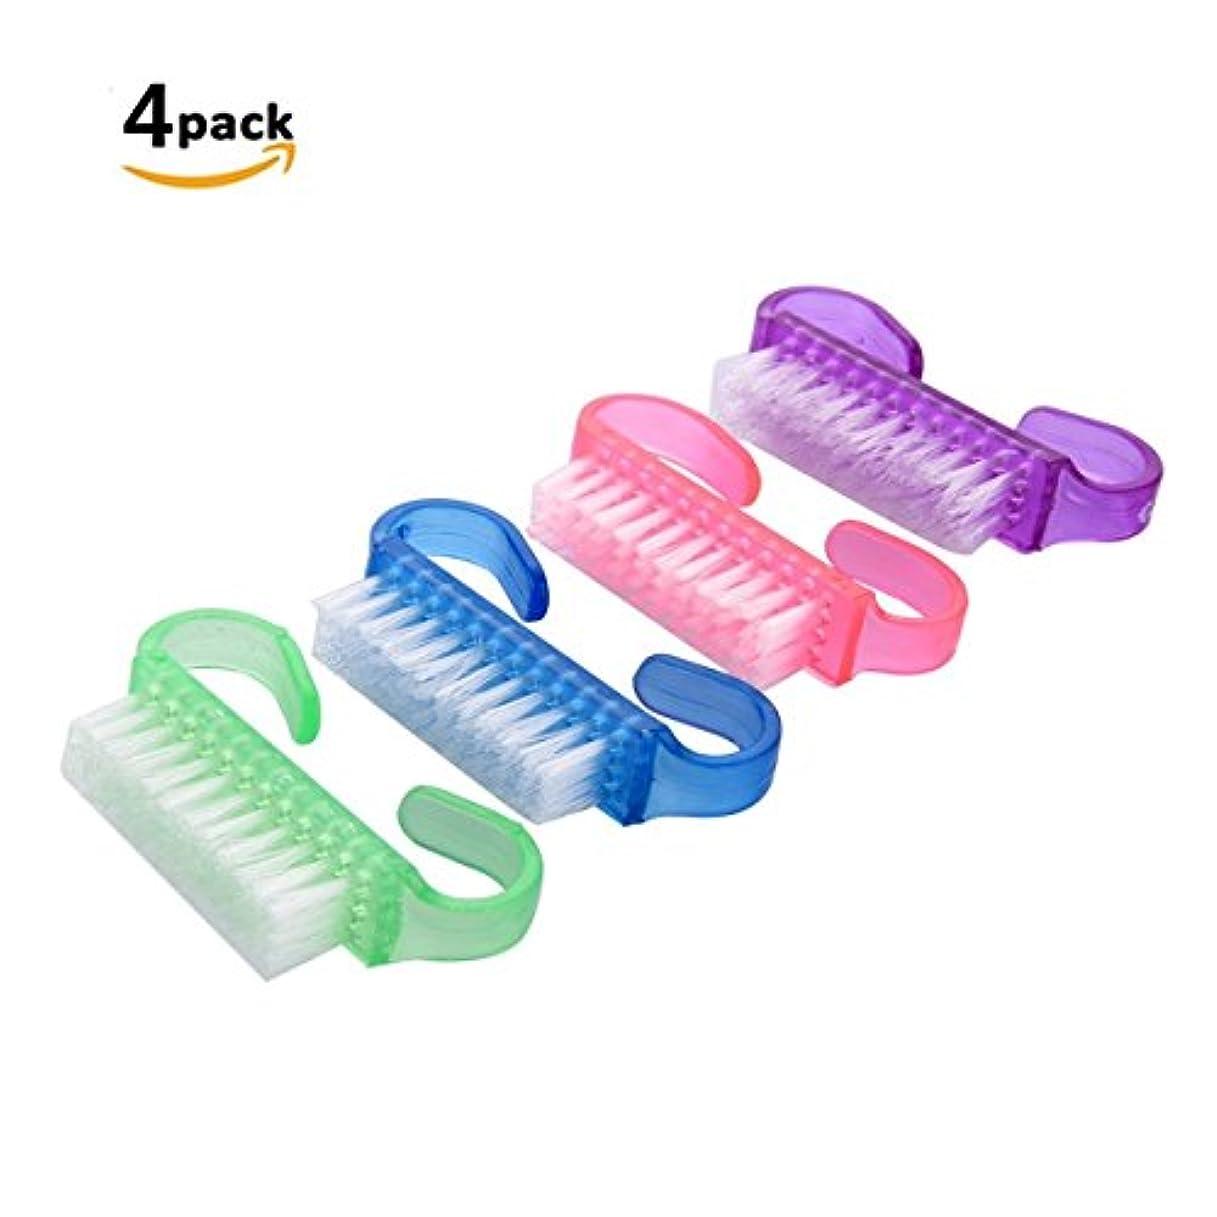 団結多様体締め切りKingsie 爪ブラシ ネイル用ブラシ 手 手洗い 4個 セット